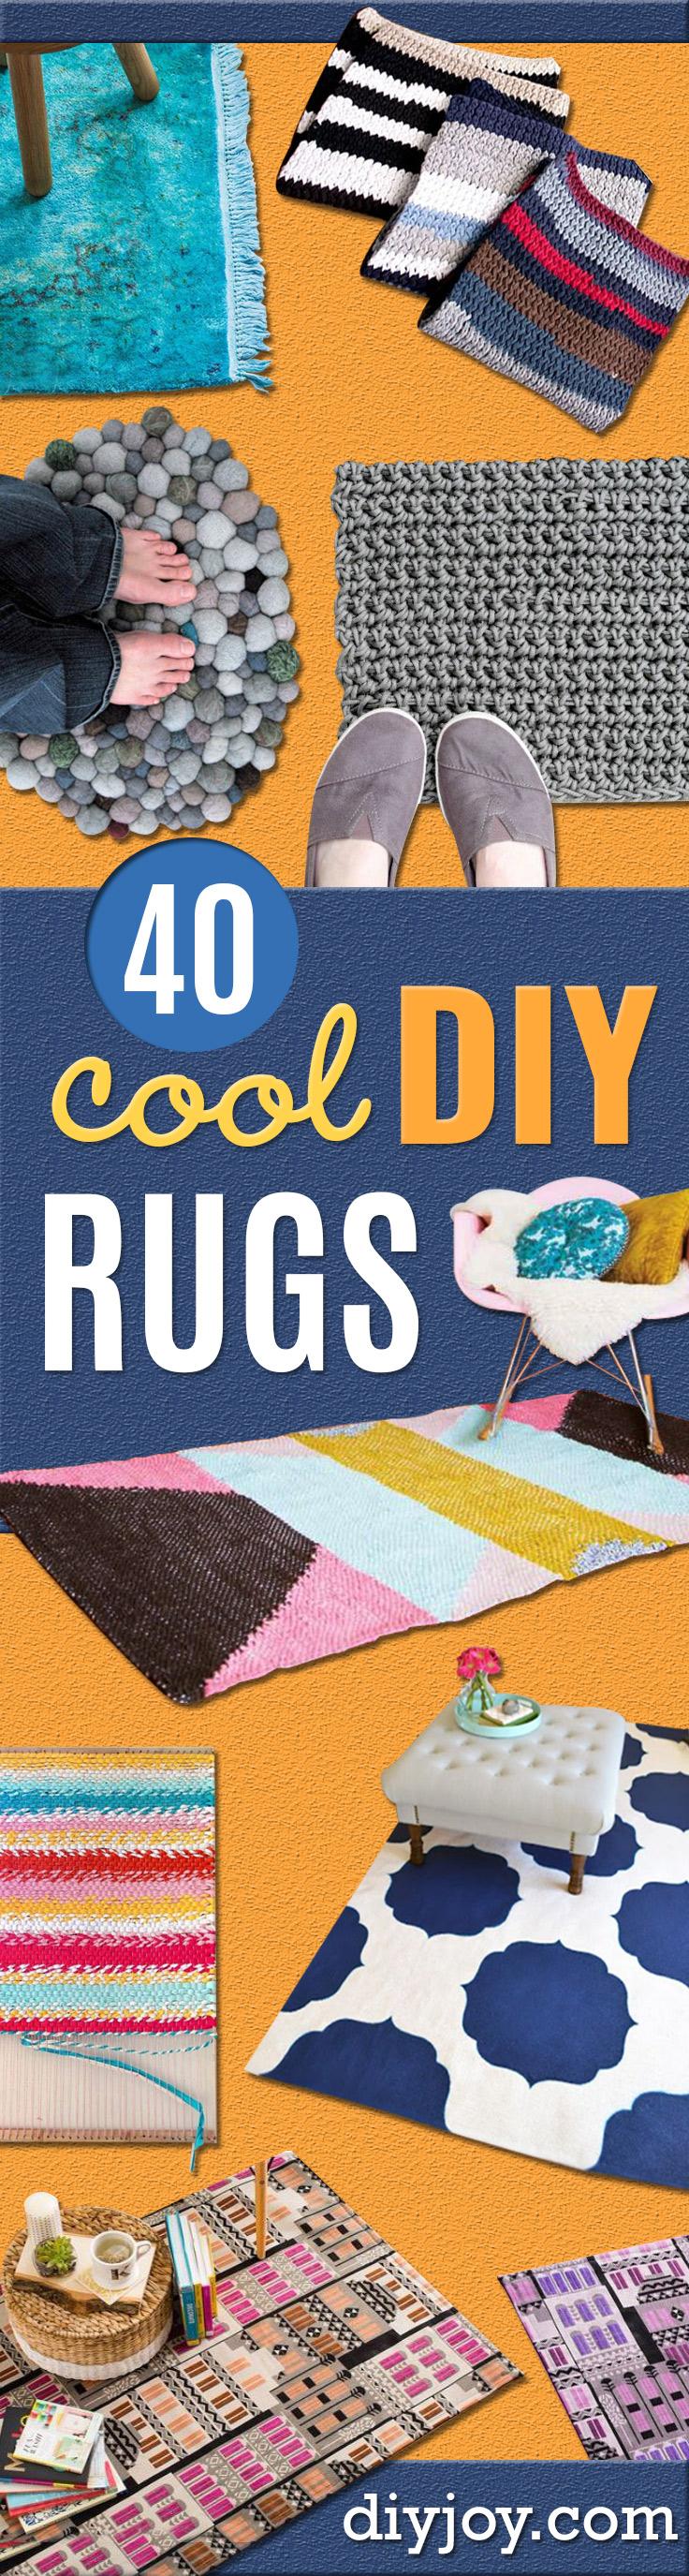 DIY Rugs - Cheap DIY Home Decor Ideas for An Easy Handmade Rug